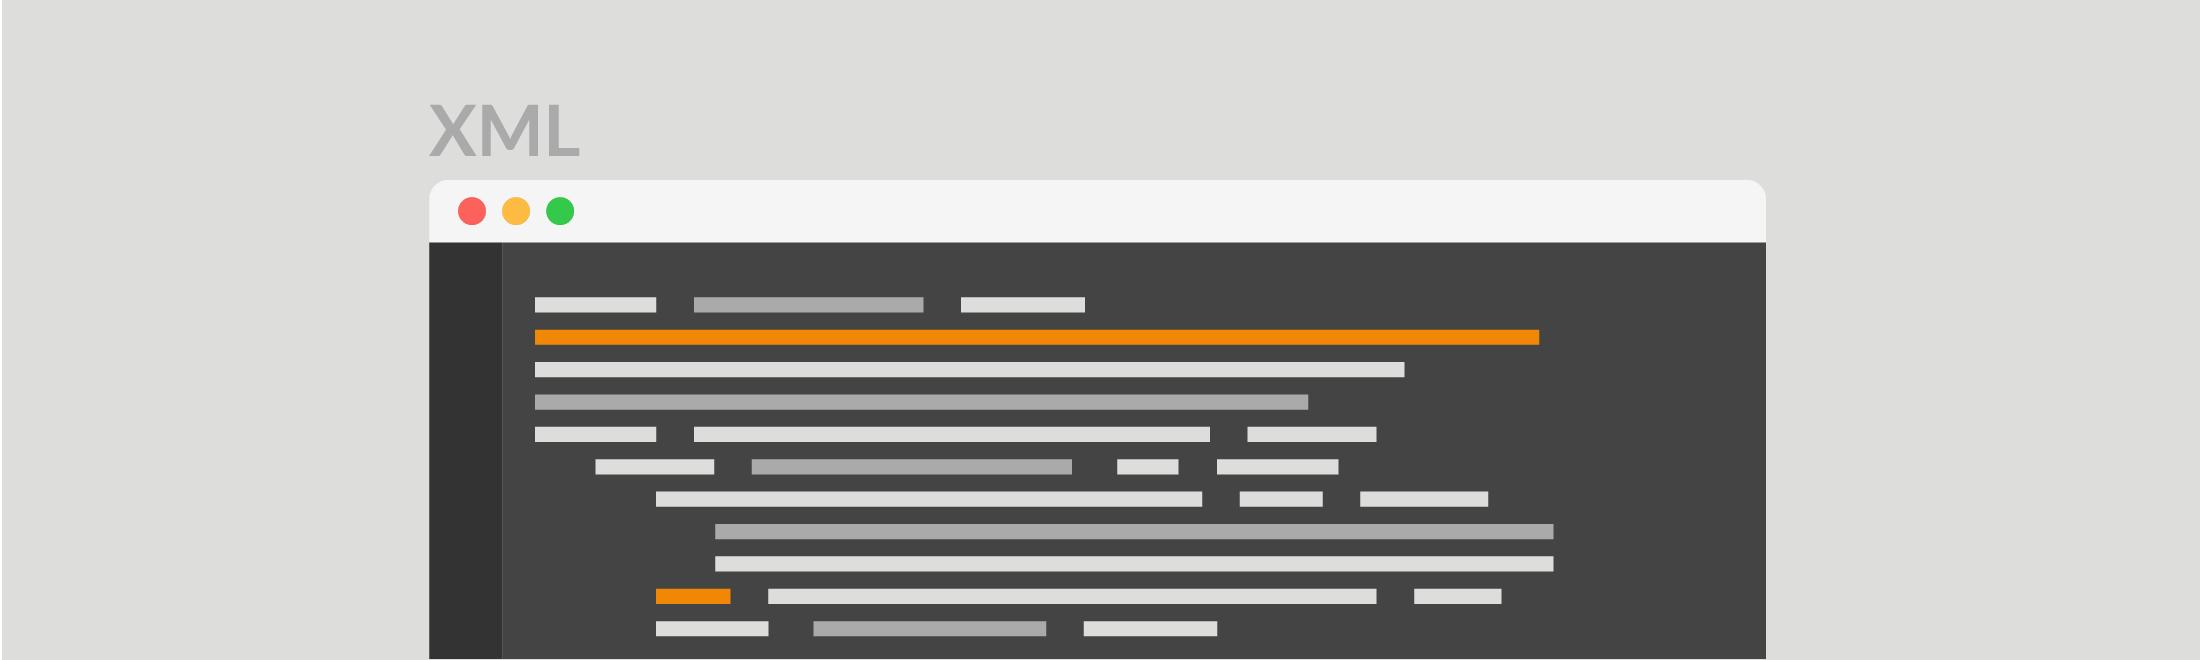 用于保存图表的默认格式在一段时间前已从原始XML更改为使用标准deflate压缩的XML。